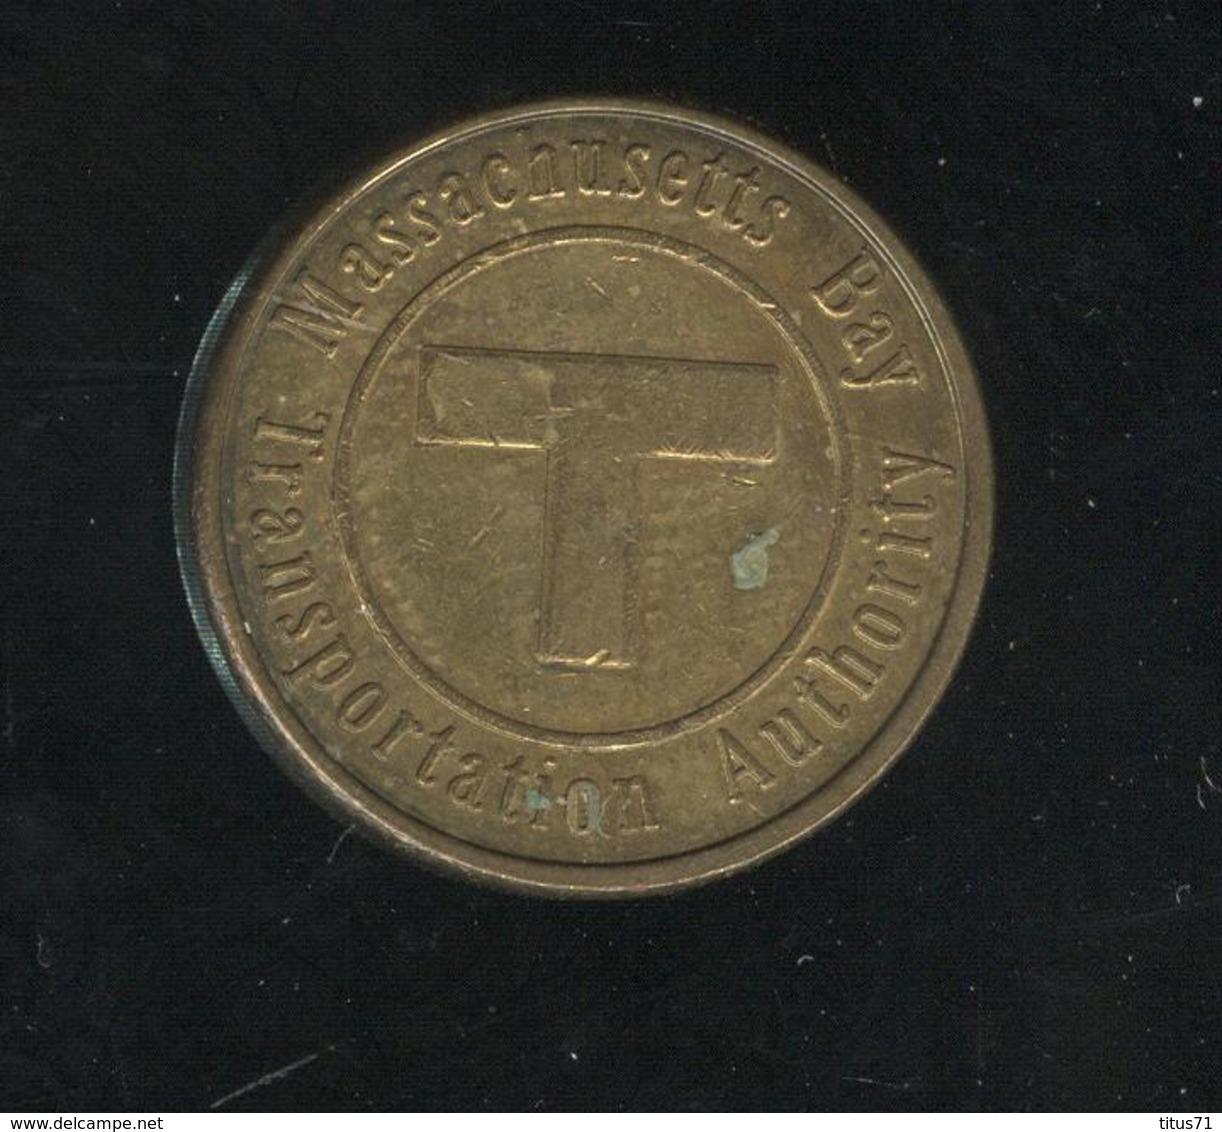 Jeton Massachussets Bay Transportation Autority - Sail Boston 1992 - Jetons & Médailles